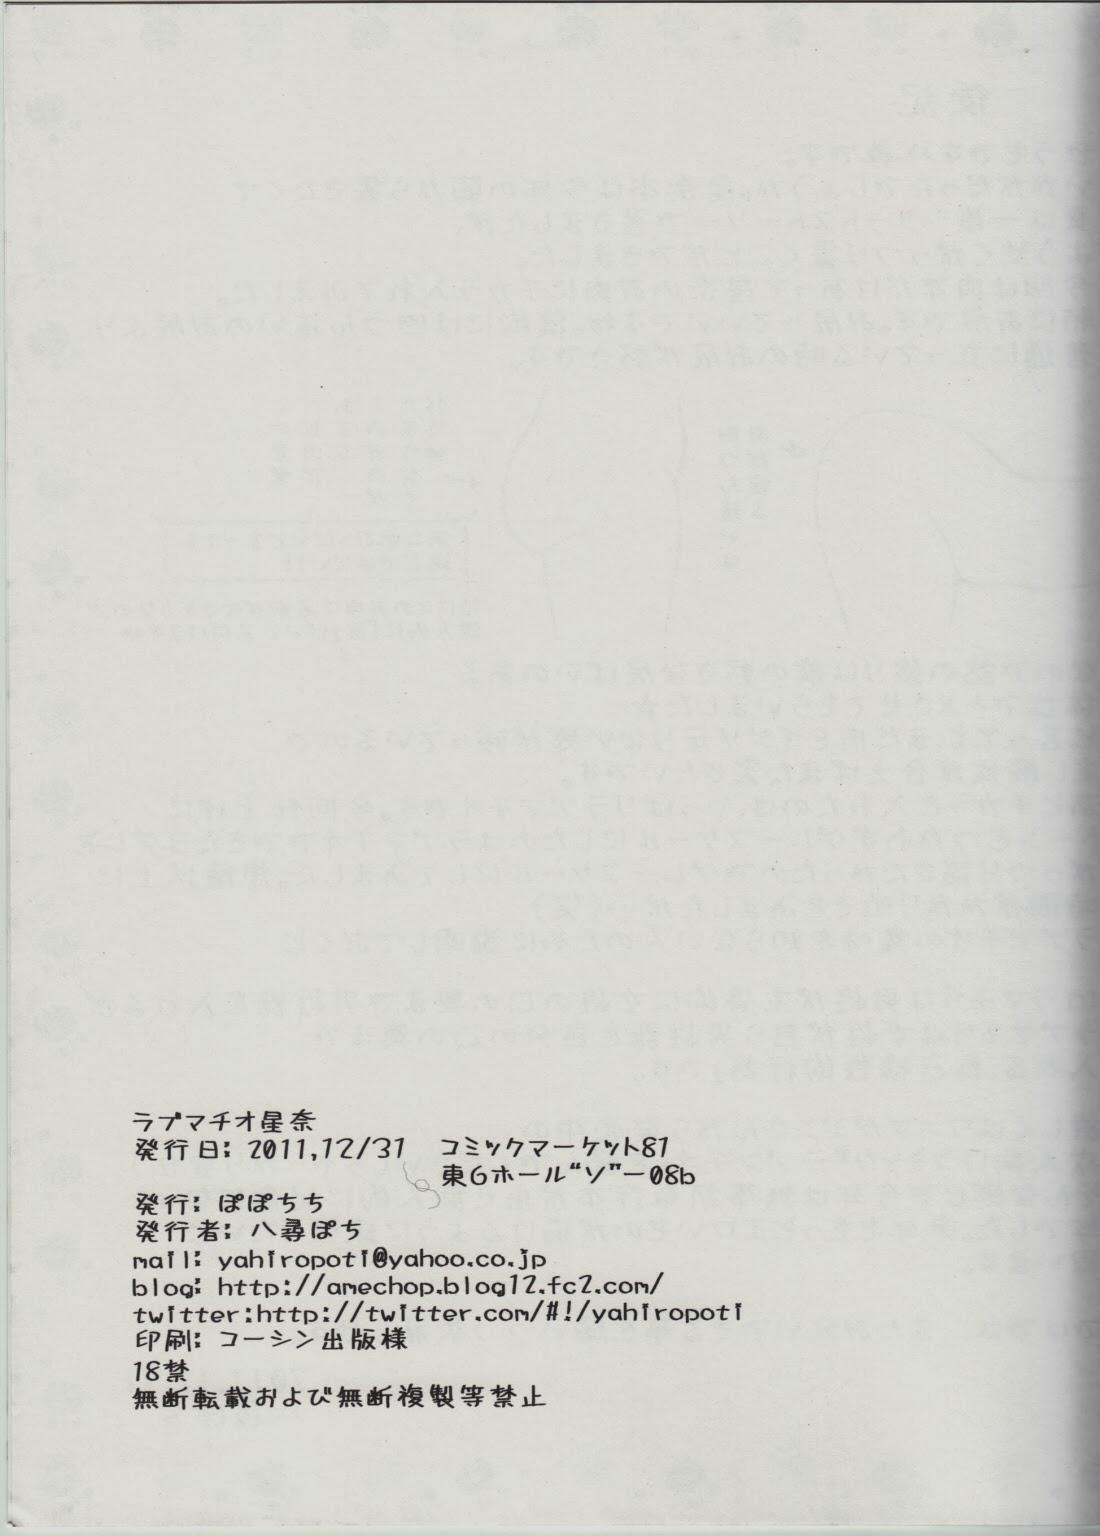 ฤทธิ์ยาโป๊ว - หน้า 23